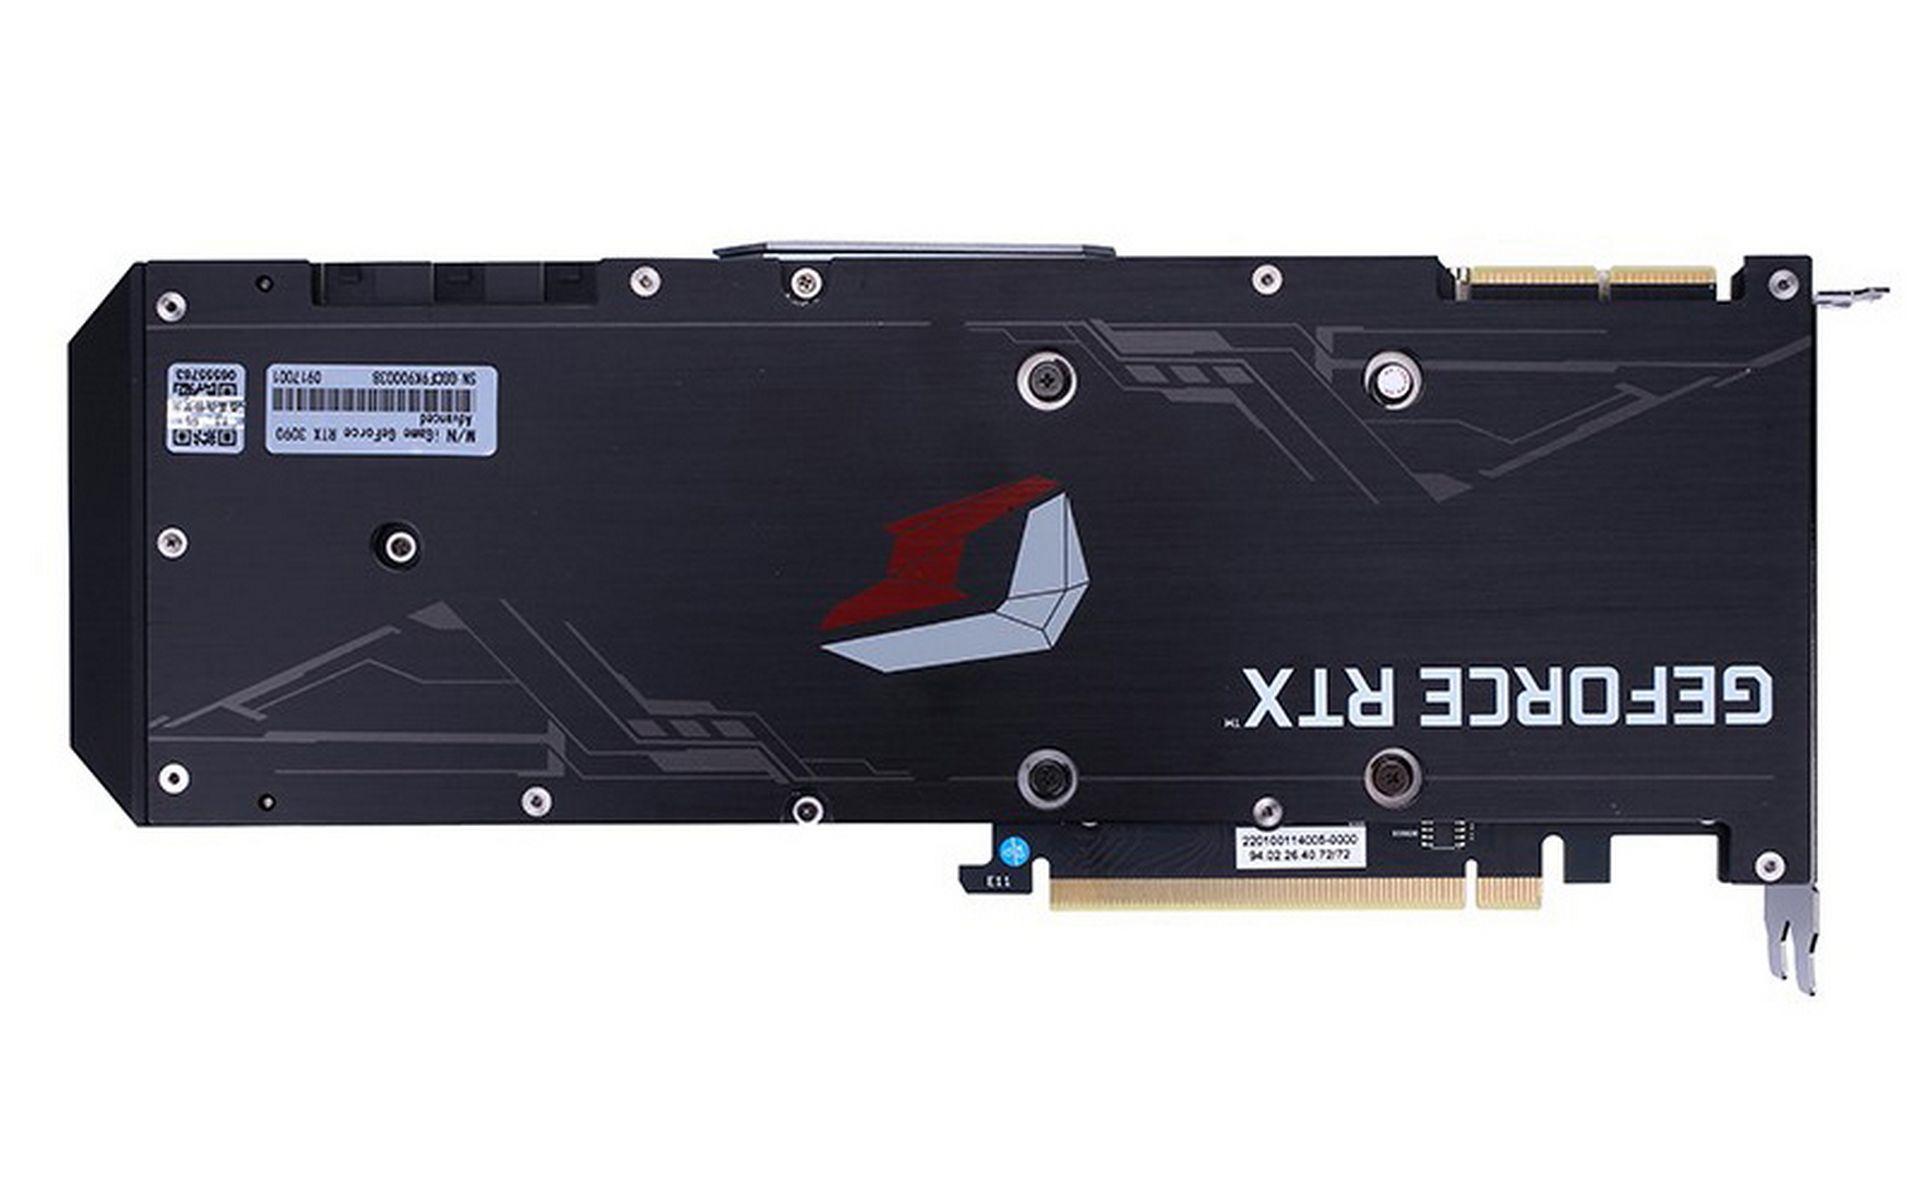 VGA ColorFul iGame RTX 3090 Advanced OC-V được trang bị tấm ốp lưng